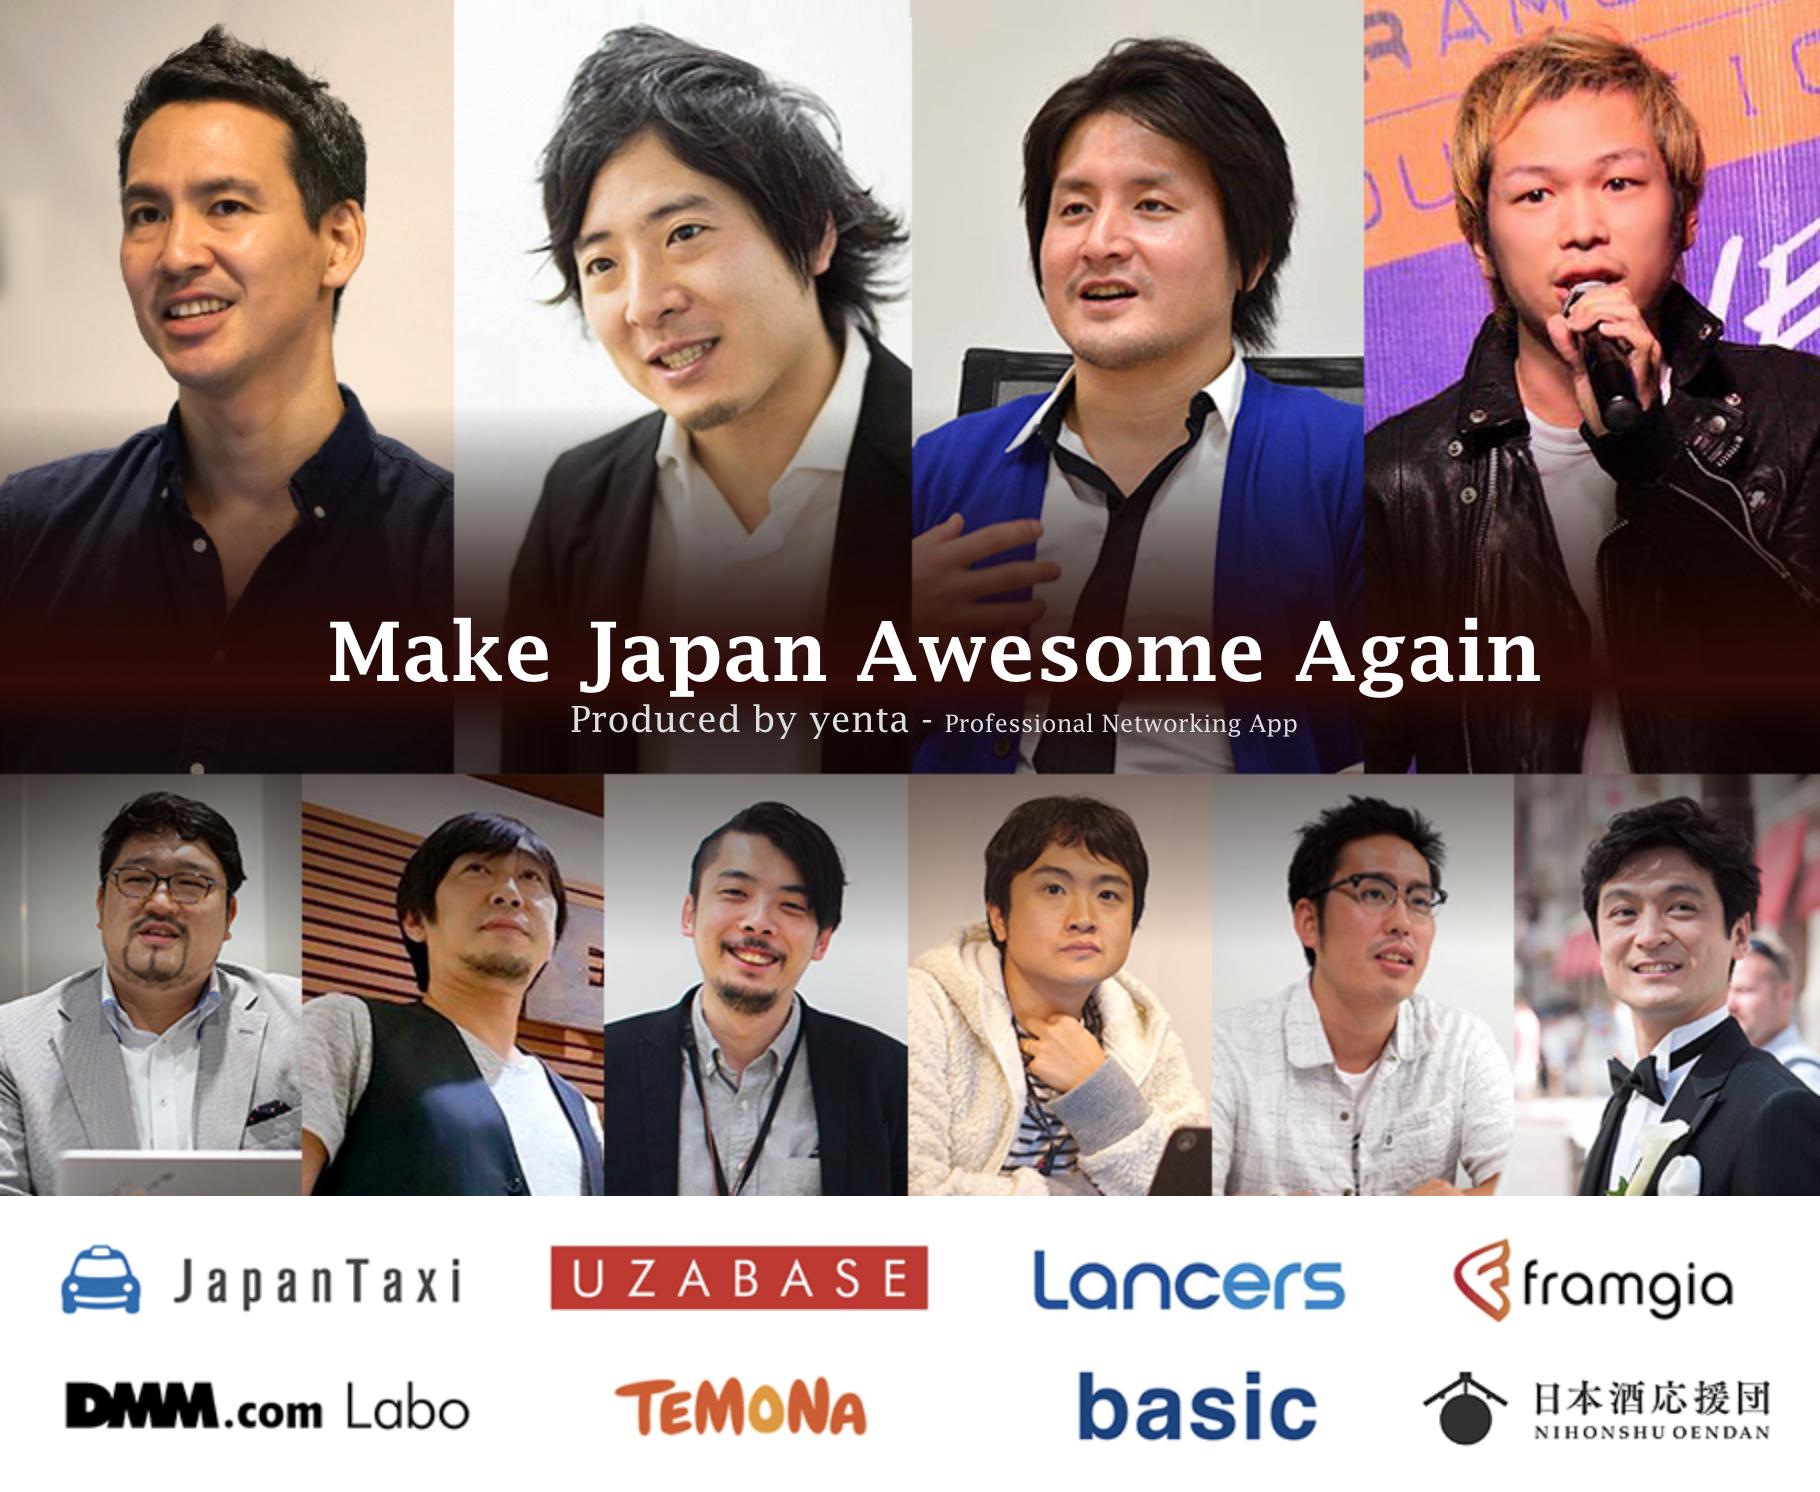 MakeJapanAwesomeJapan#1